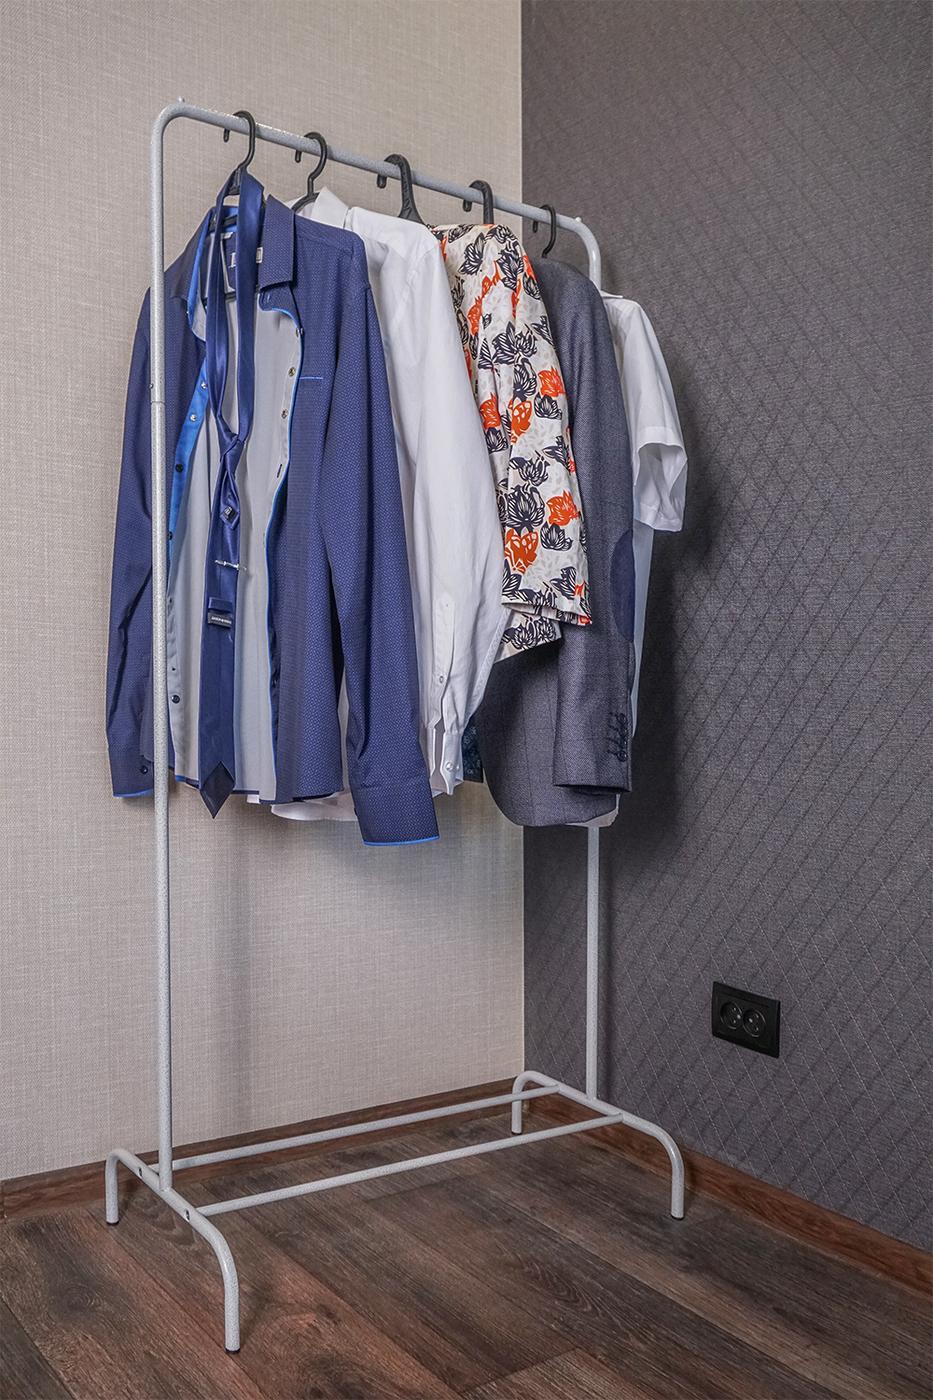 тысяч них вешалки гардеробные напольные для одежды фото начальной стадии зрелости